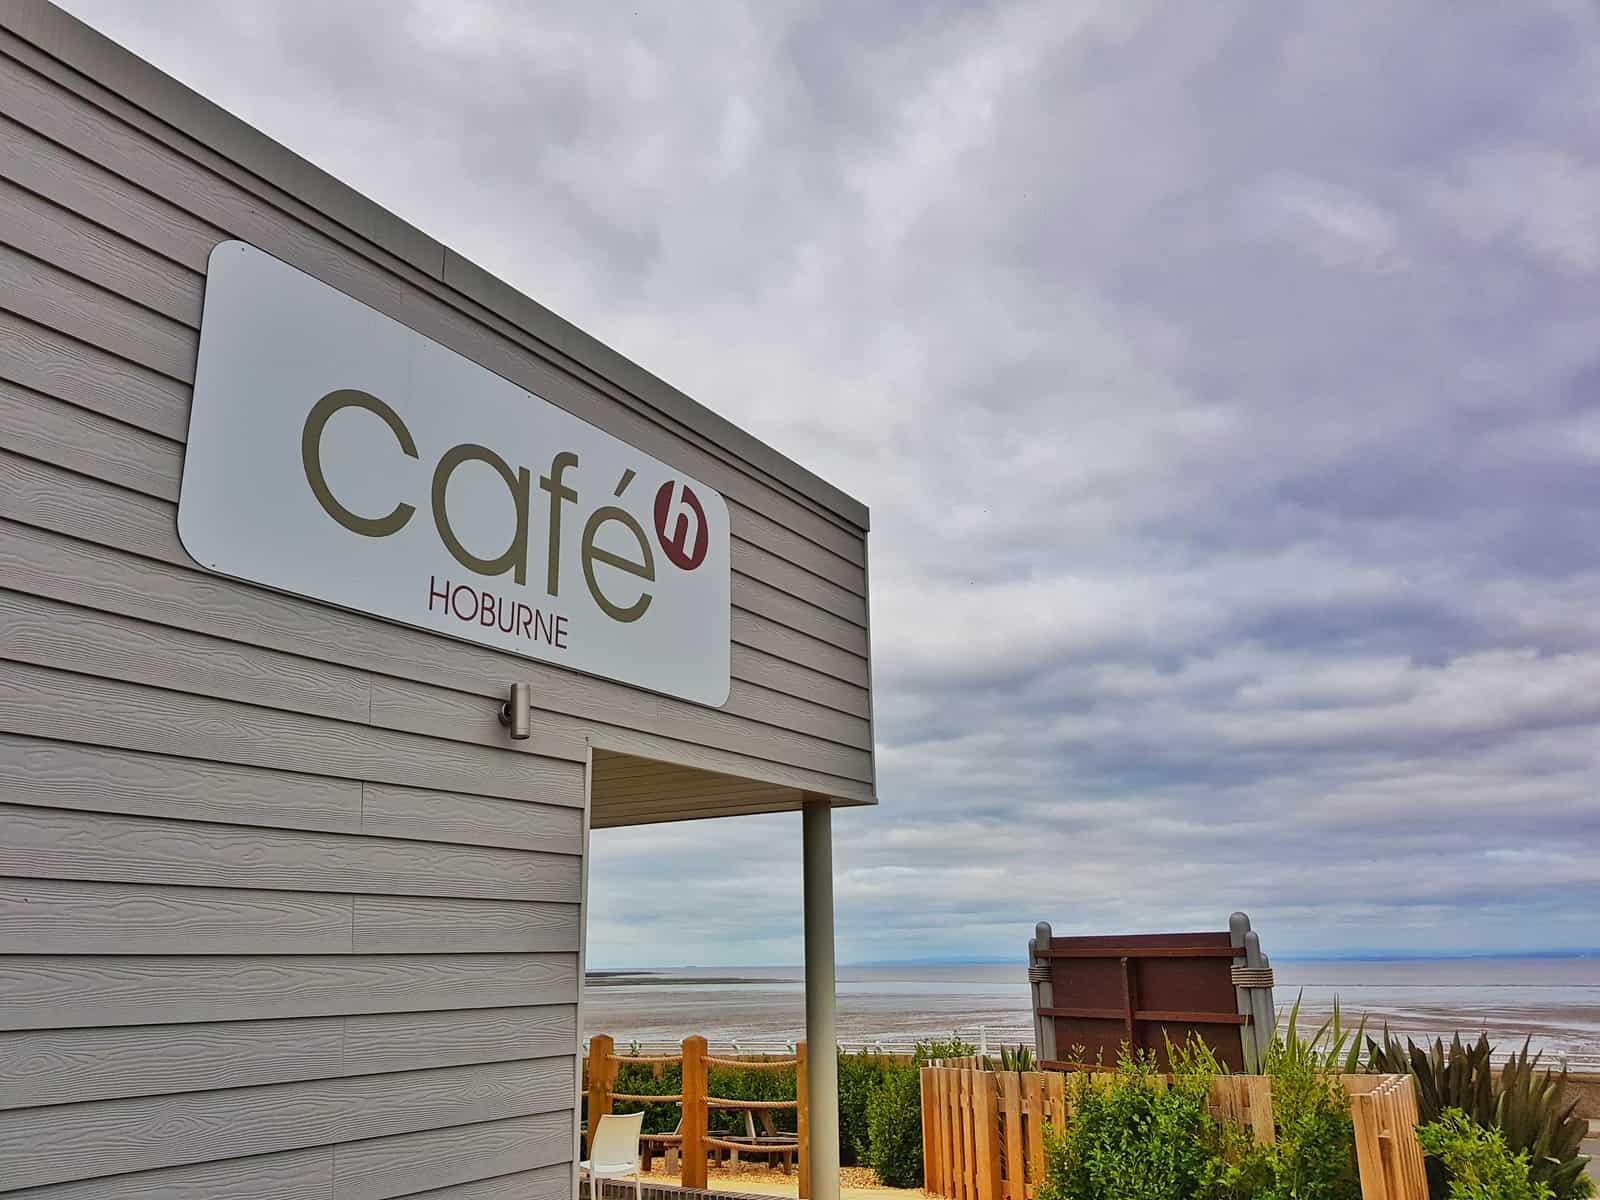 Hoburne Blue Anchor cafe